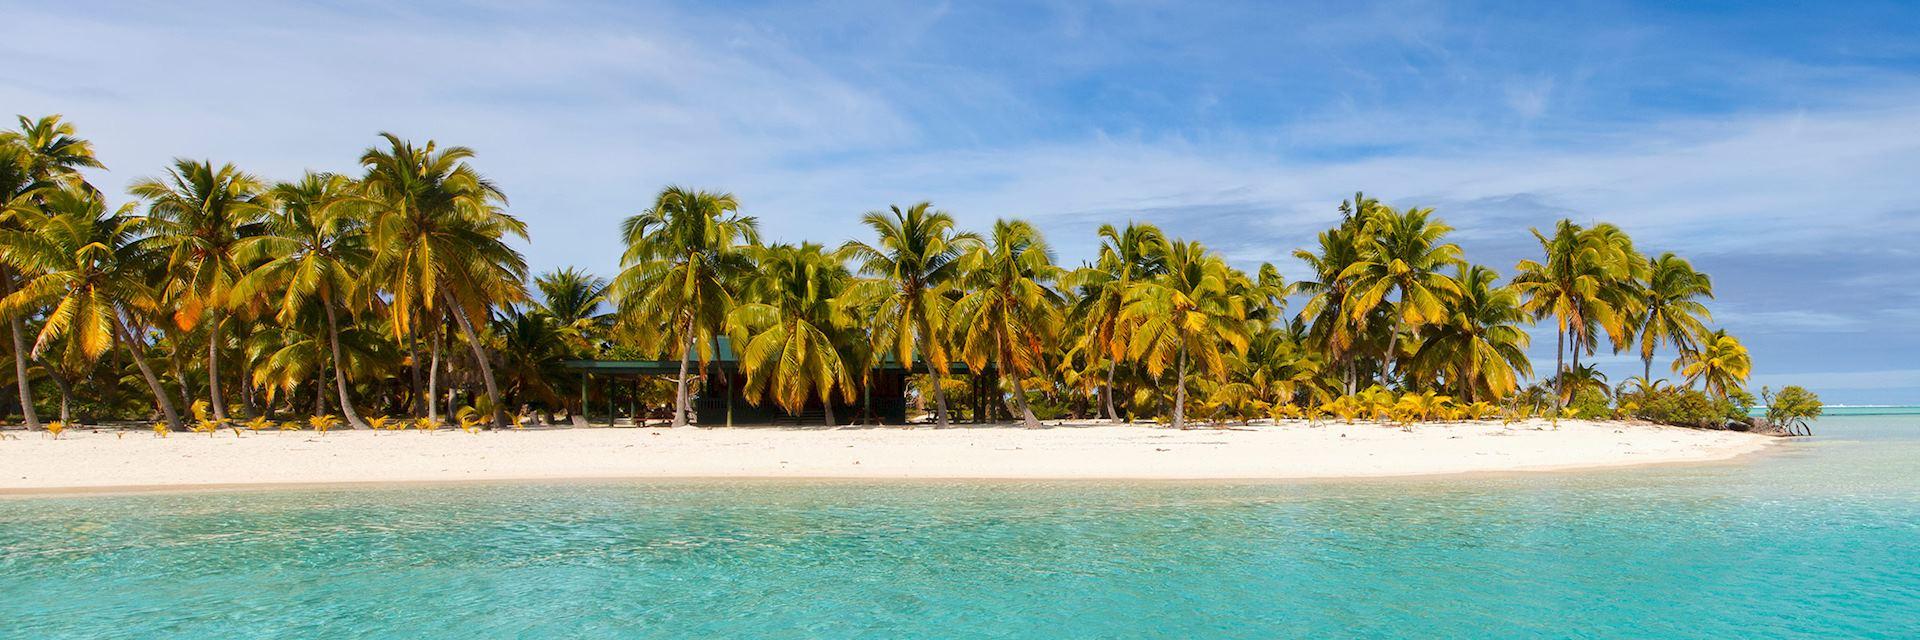 Aitutaki, an idyllic part of the Cook Islands